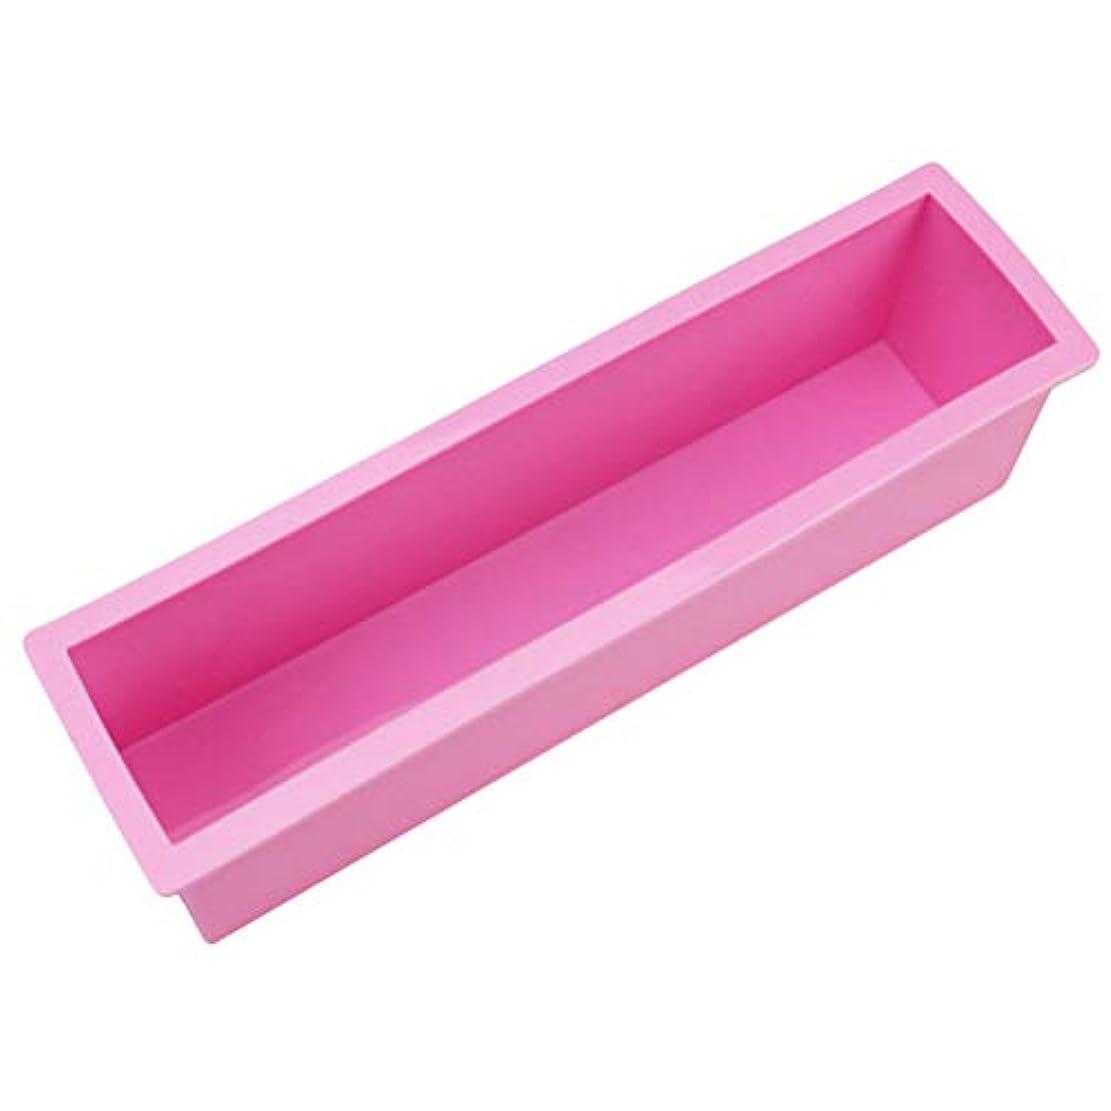 くるみ保護するパットYardwe 石鹸ケーキミートローフ用品のための柔軟な長方形のシリコンソープモールドロープ(ランダムカラー)サイズL